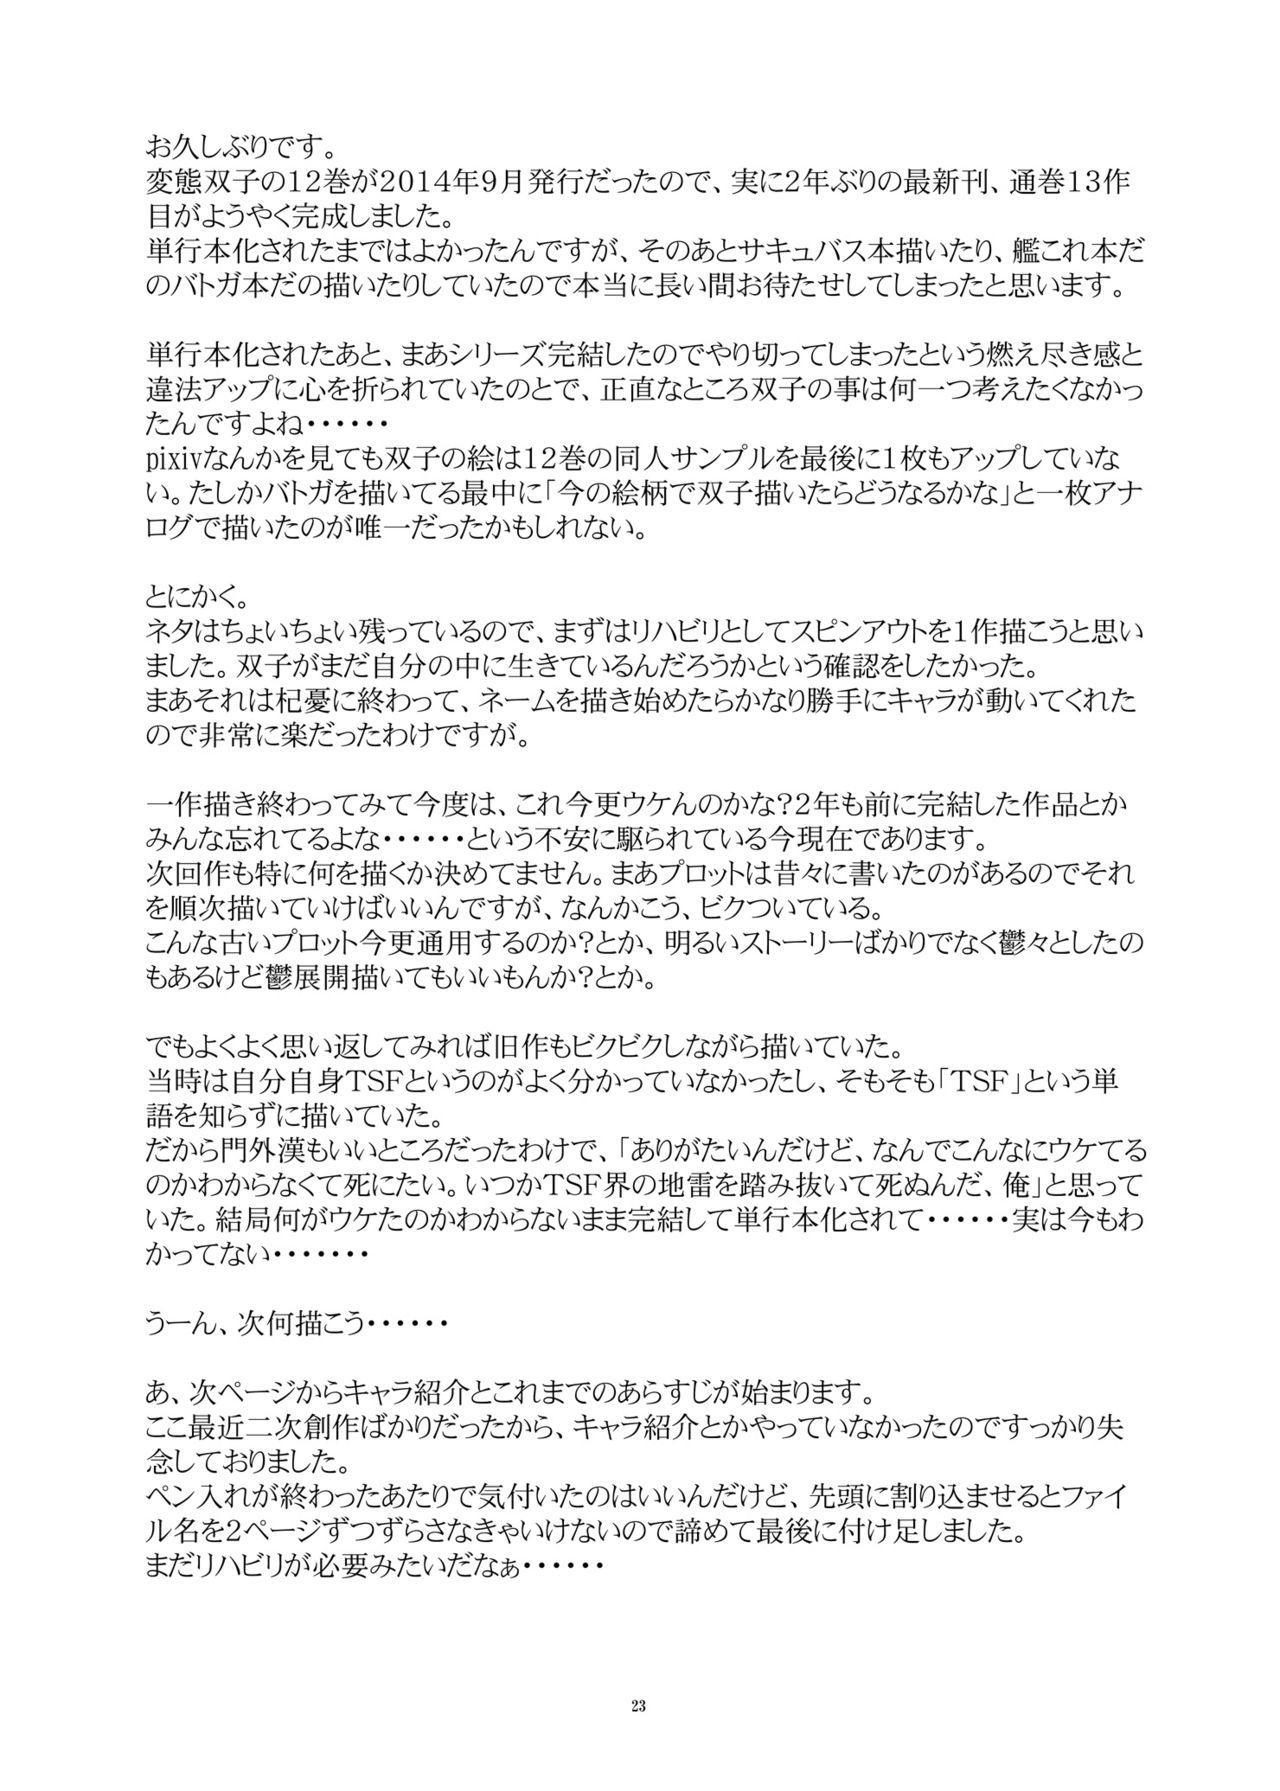 Hentai Futago no Natsuyasumi 22